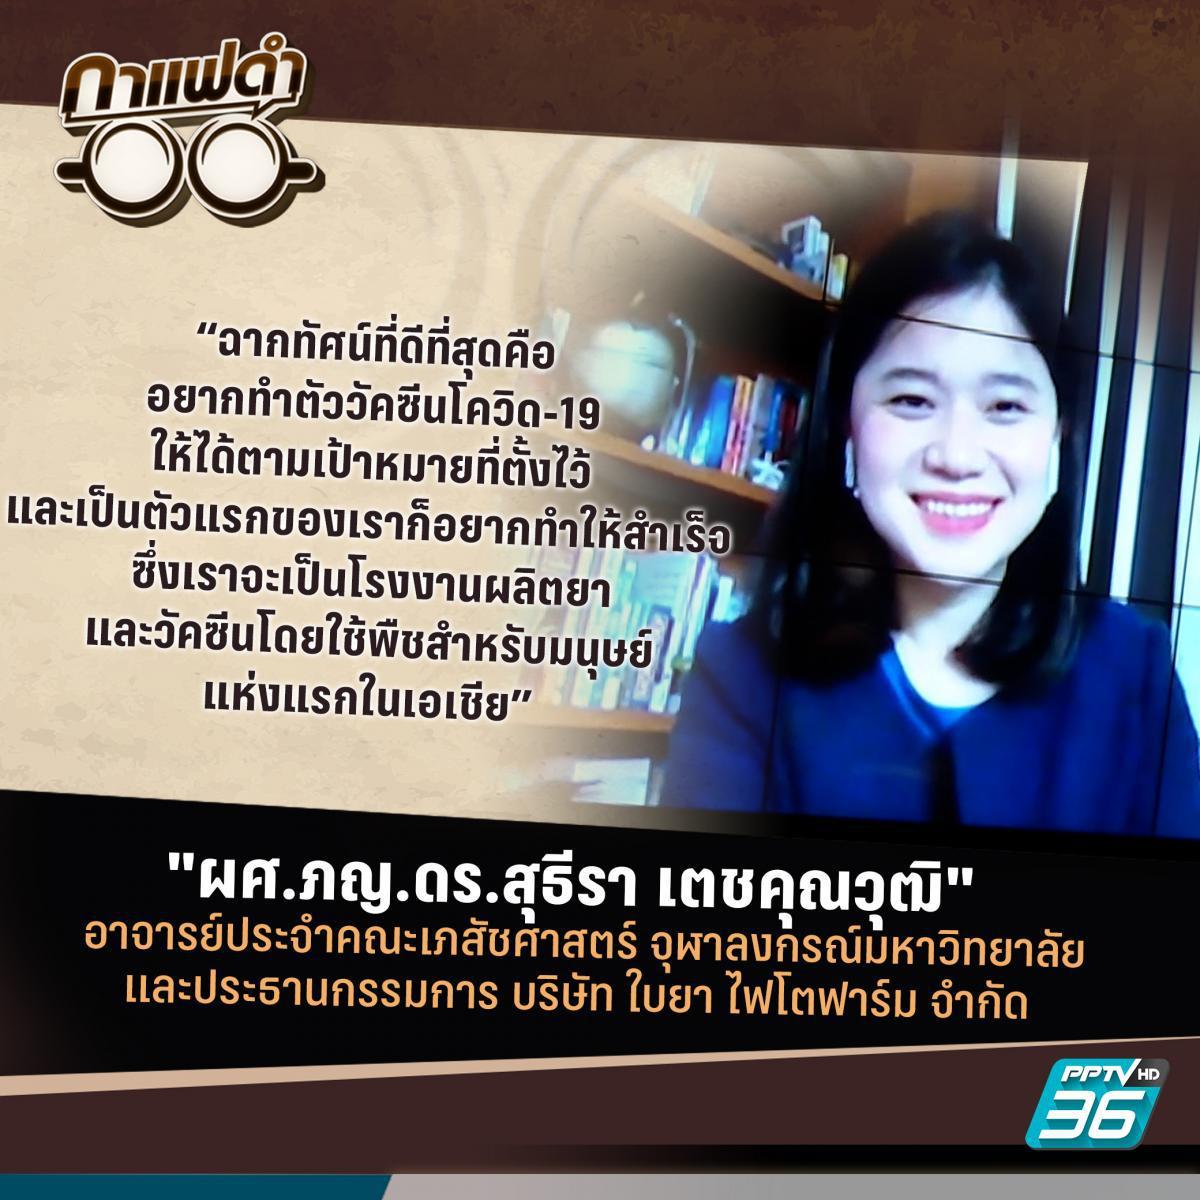 """""""วัคซีนโควิด-19ใบยา"""" ฝีมือนักวิจัยไทย พร้อมสู่การทดลองในมนุษย์"""